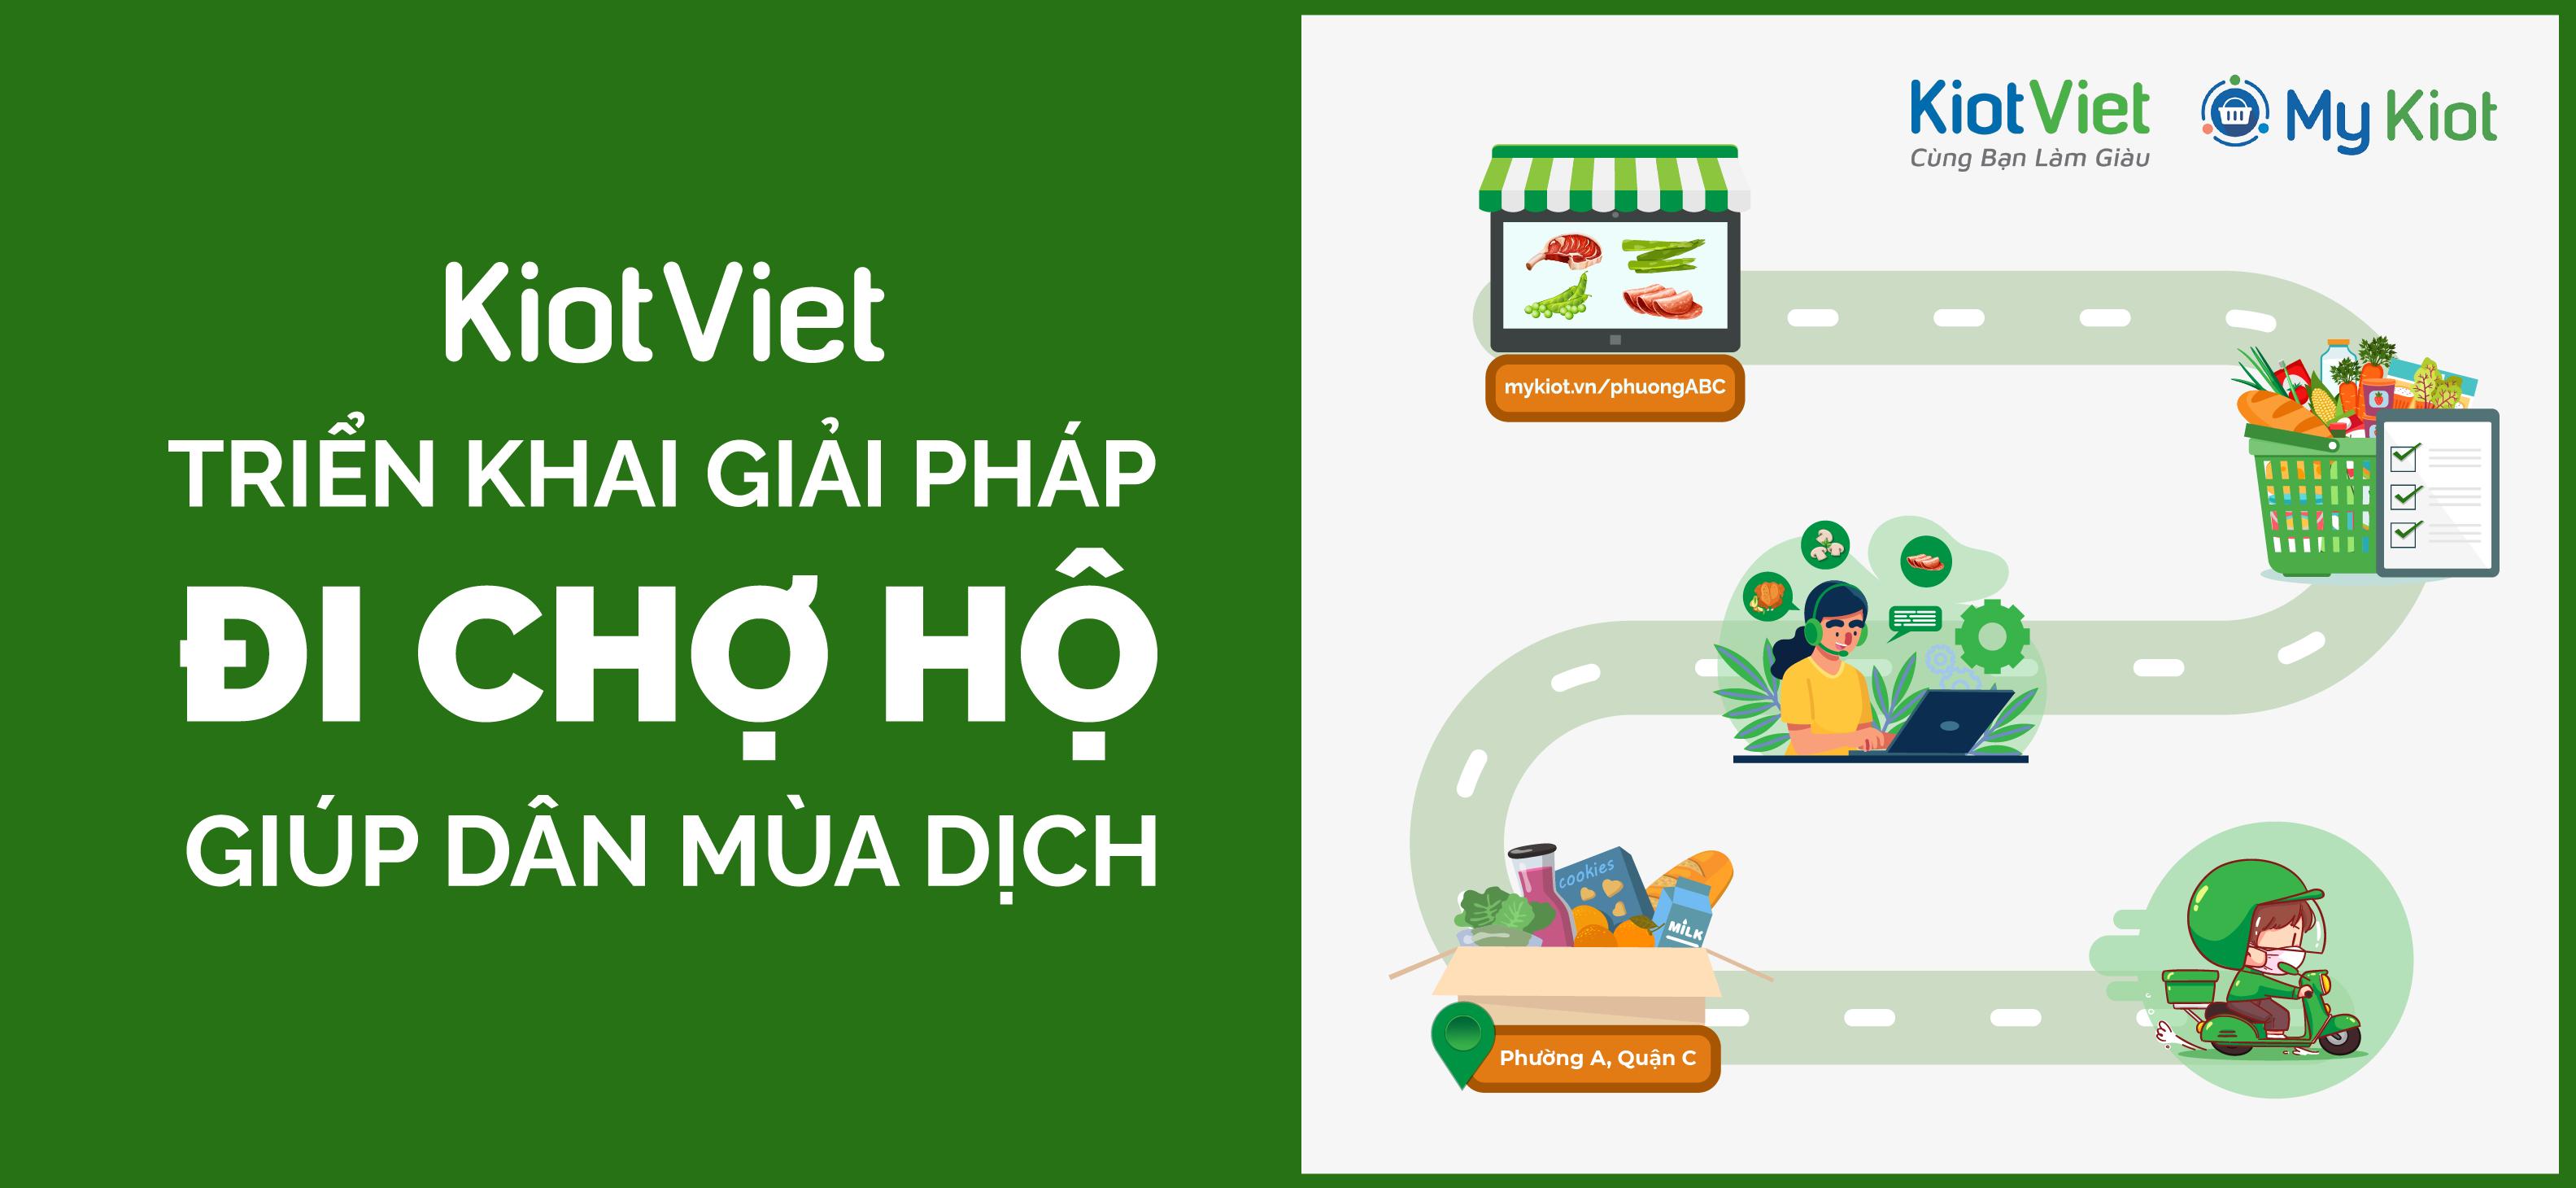 """KiotViet triển khai giải pháp """"đi chợ hộ"""" giúp dân mùa dịch"""